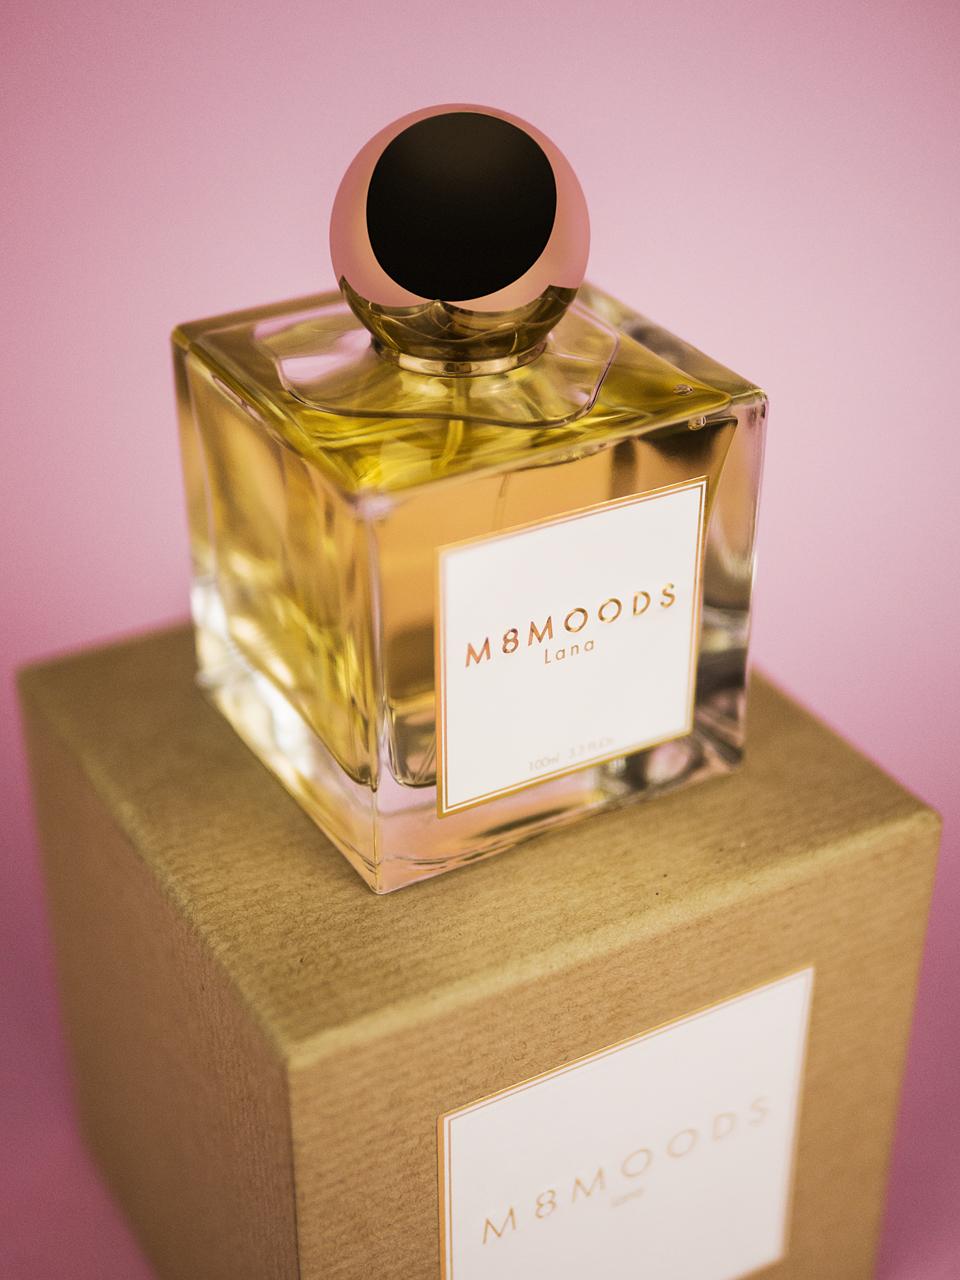 M8 MOODS, Parfümerie Brückner, THE MOODS, Parfüm, Nischenparfum, M8 MOODS im Test, ElisaZunder Blogazine